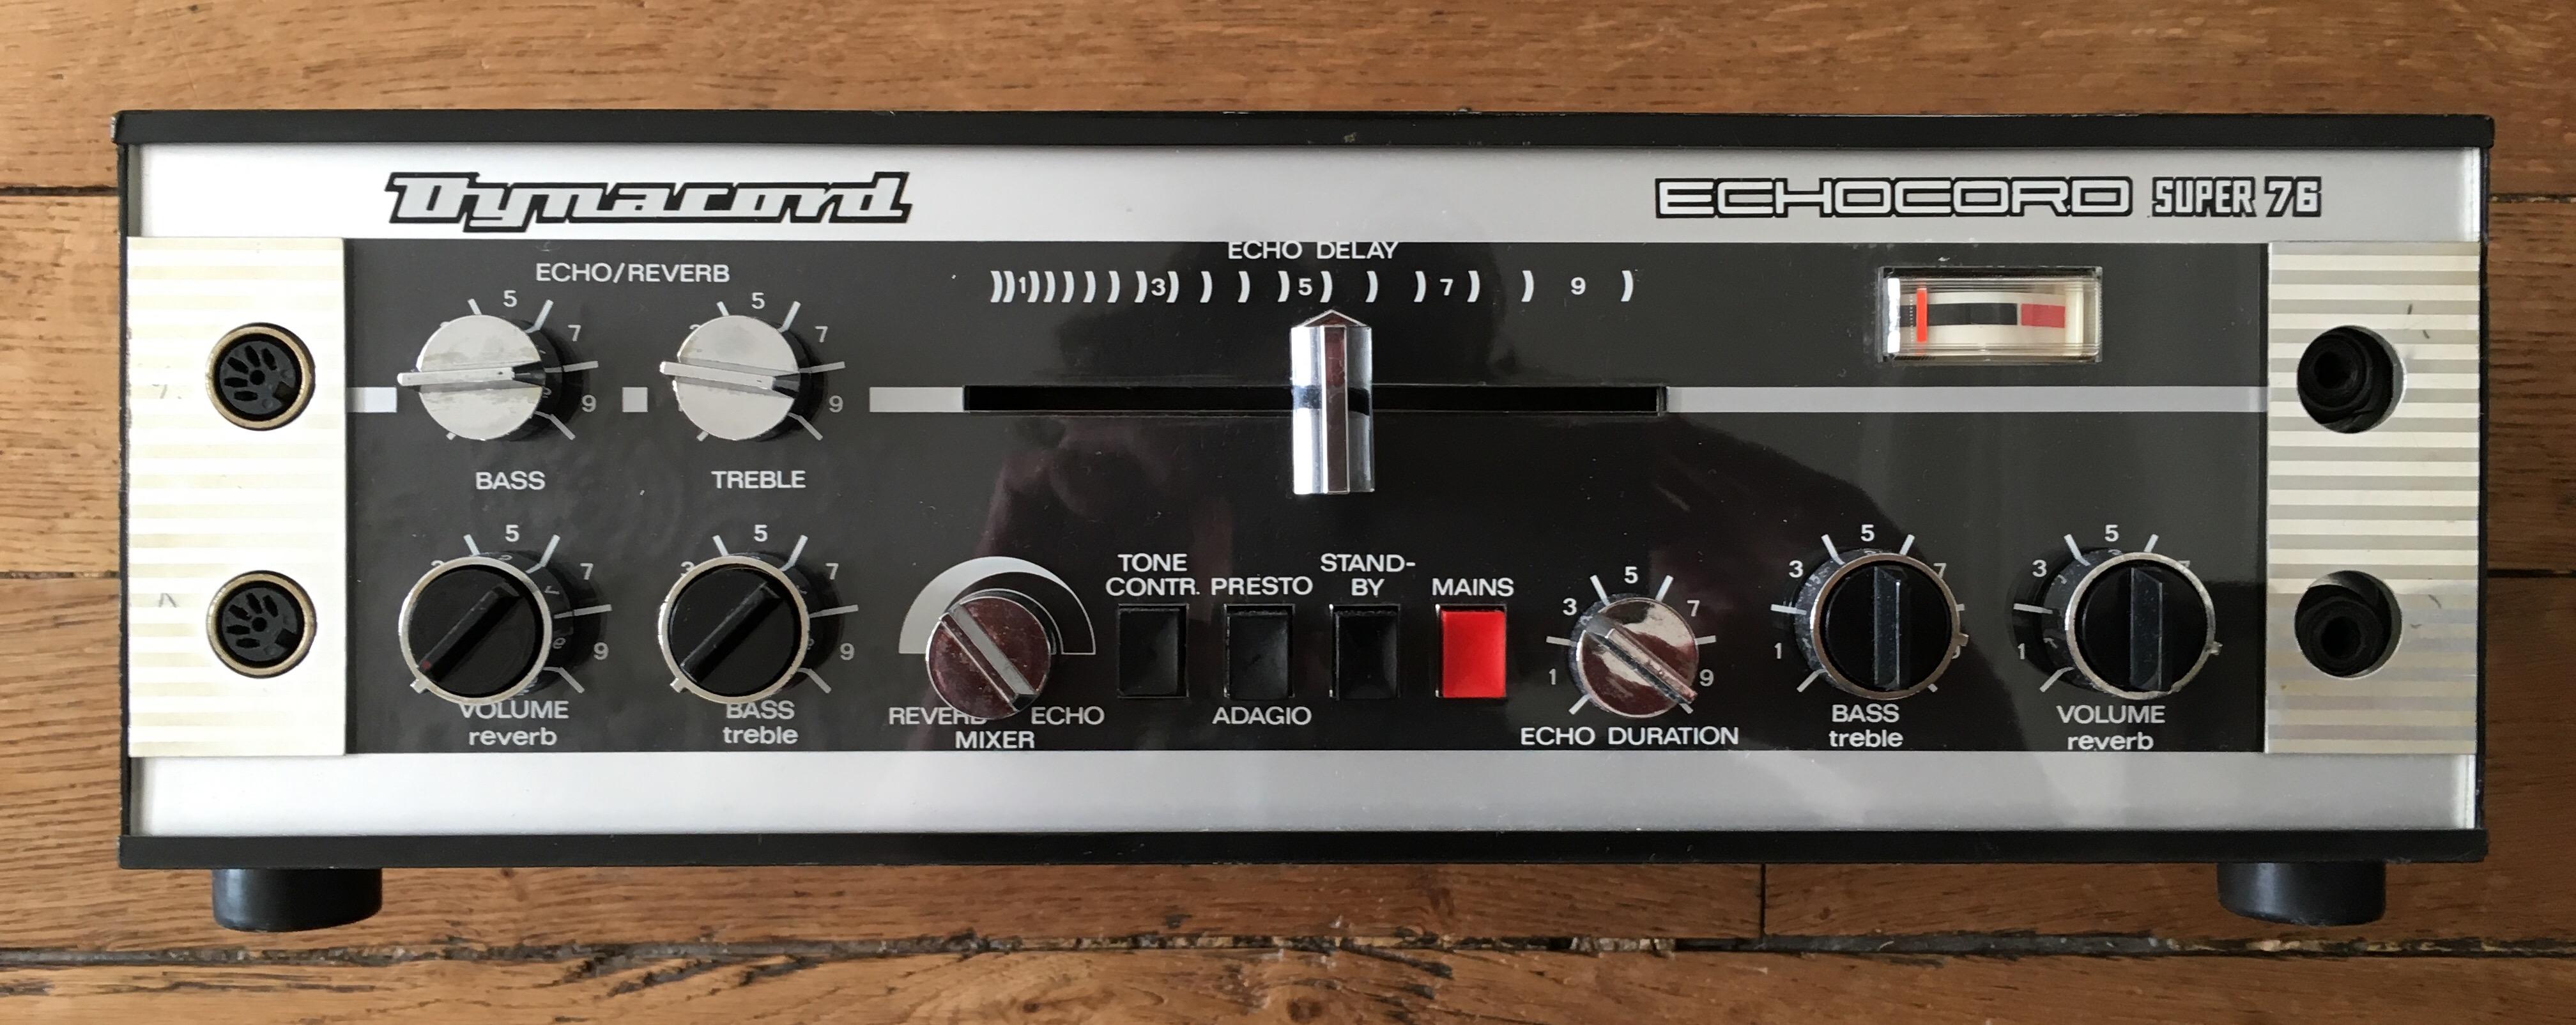 Test Dynacord Echocord Super 76 : un véritable écho à bande